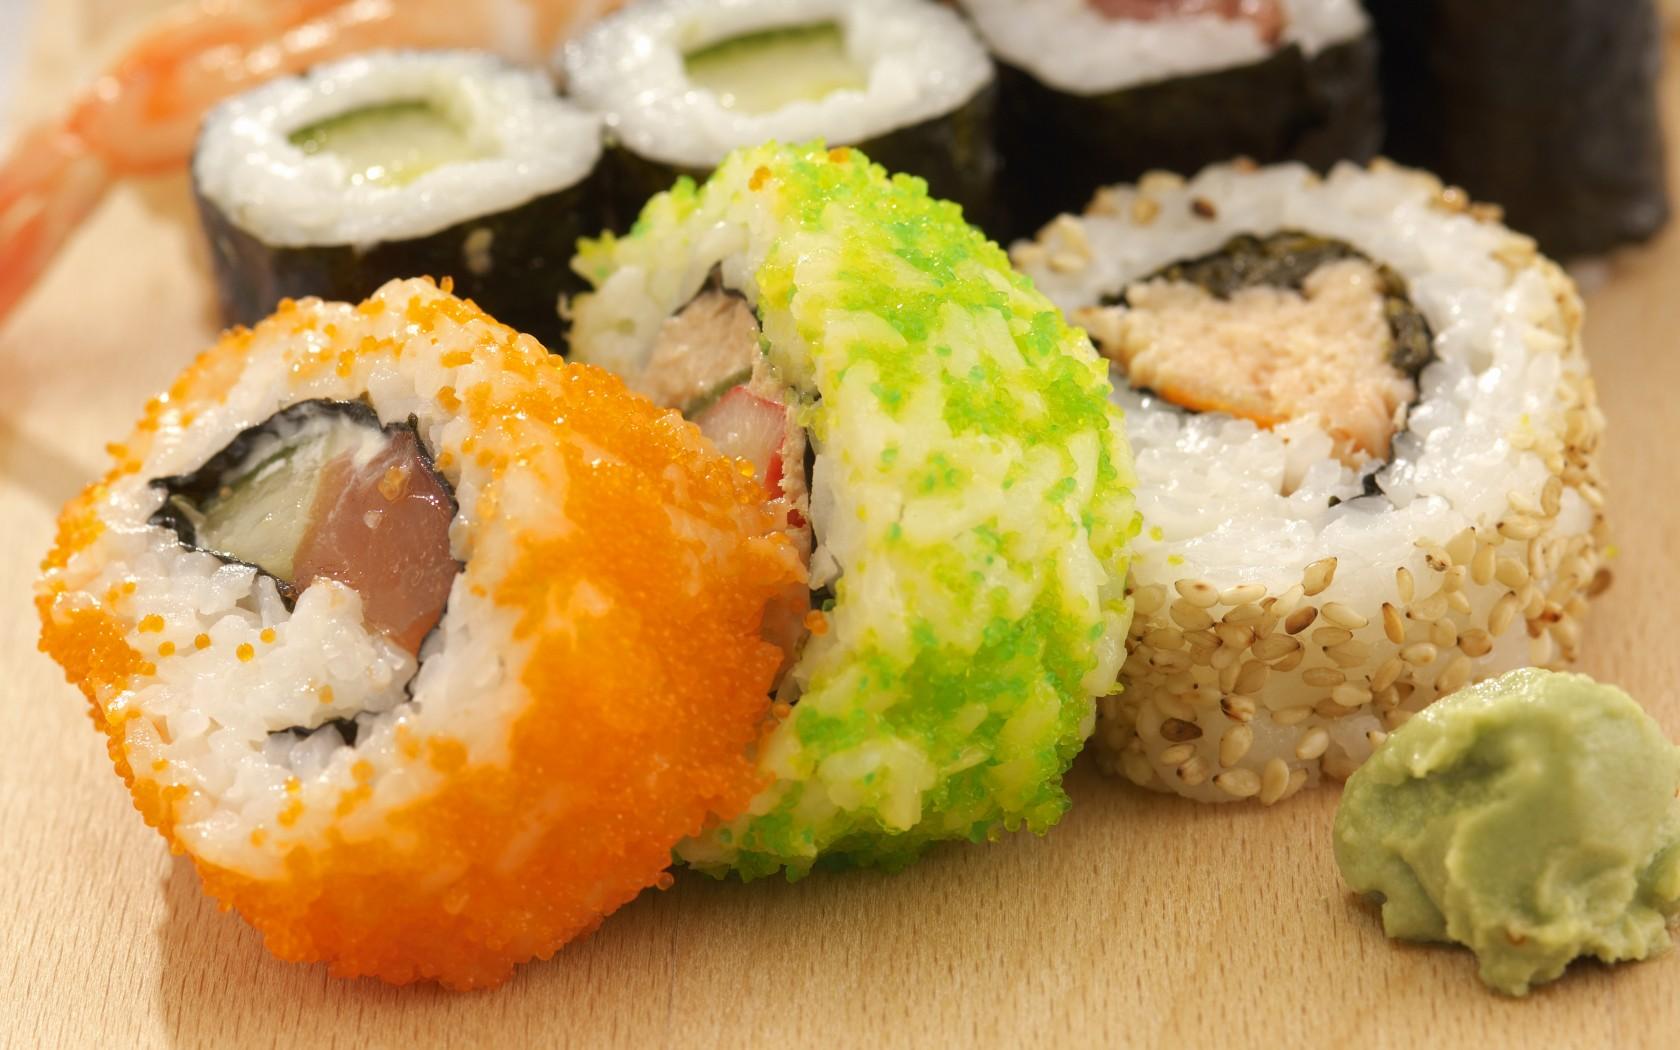 Wasabi Sushi Shop Wrocław Produkty i Akcesoria do Sushi i Kuchni Orientalnej (90)